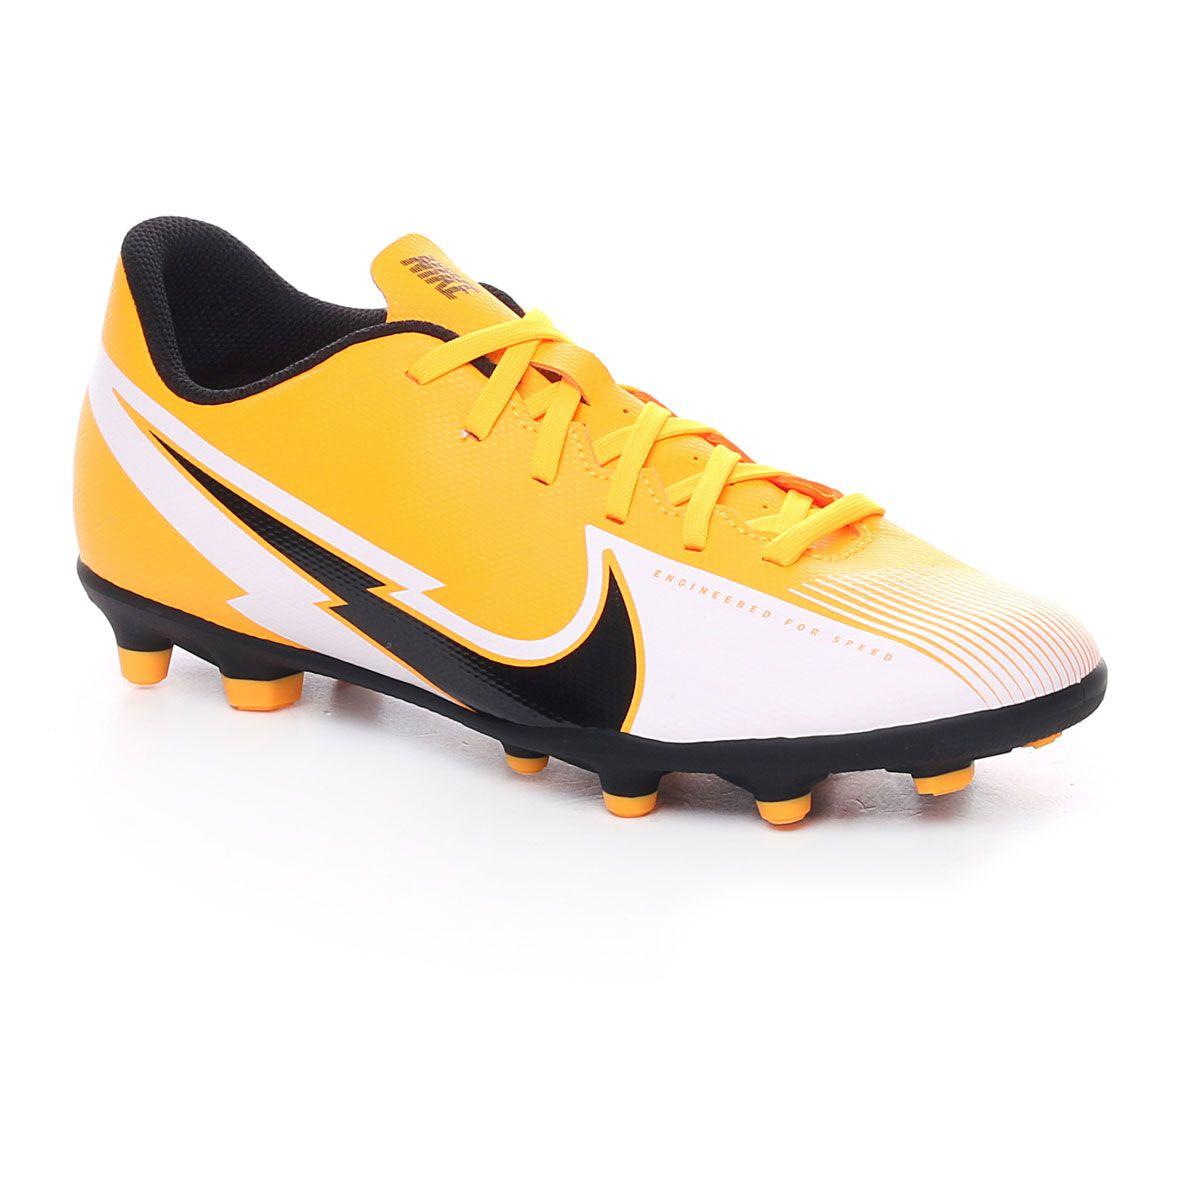 Nike Jr Vapor 13 Club Fg/Mg Bambino Arancione Bianco